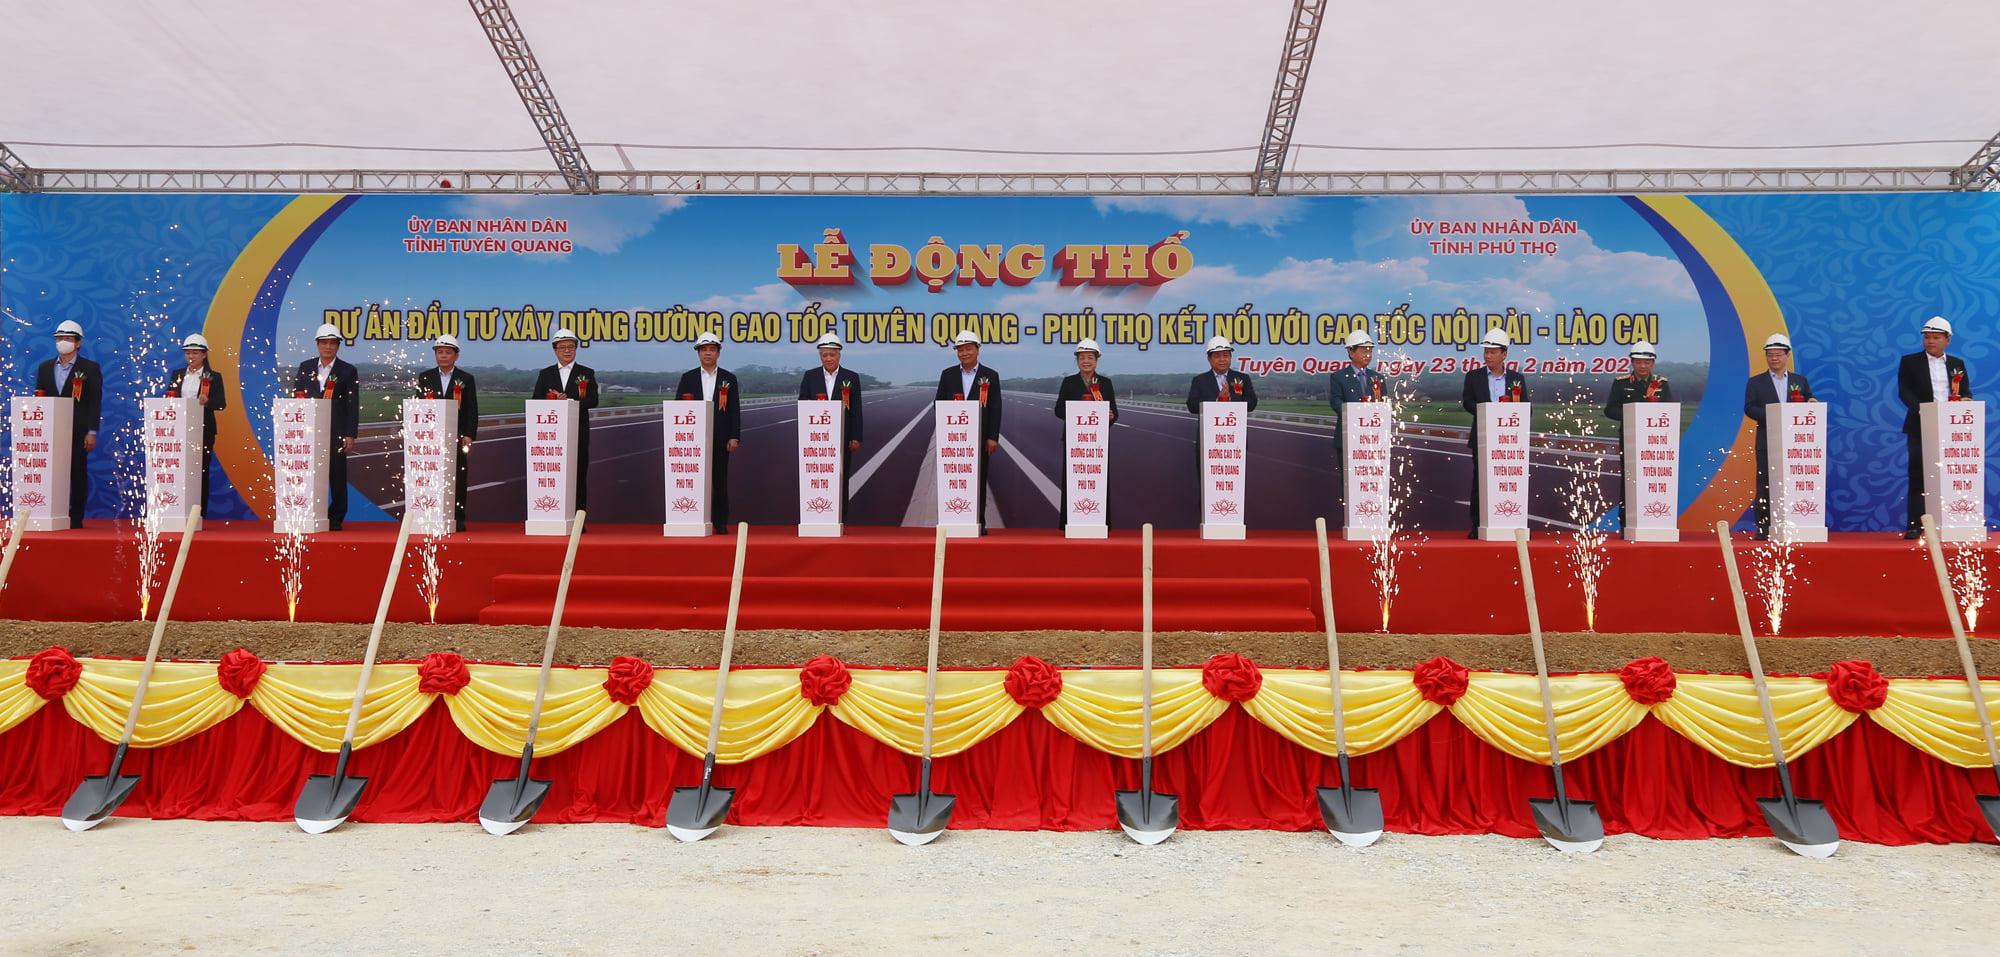 Động thổ cao tốc Tuyên Quang - Phú Thọ - Ảnh 3.